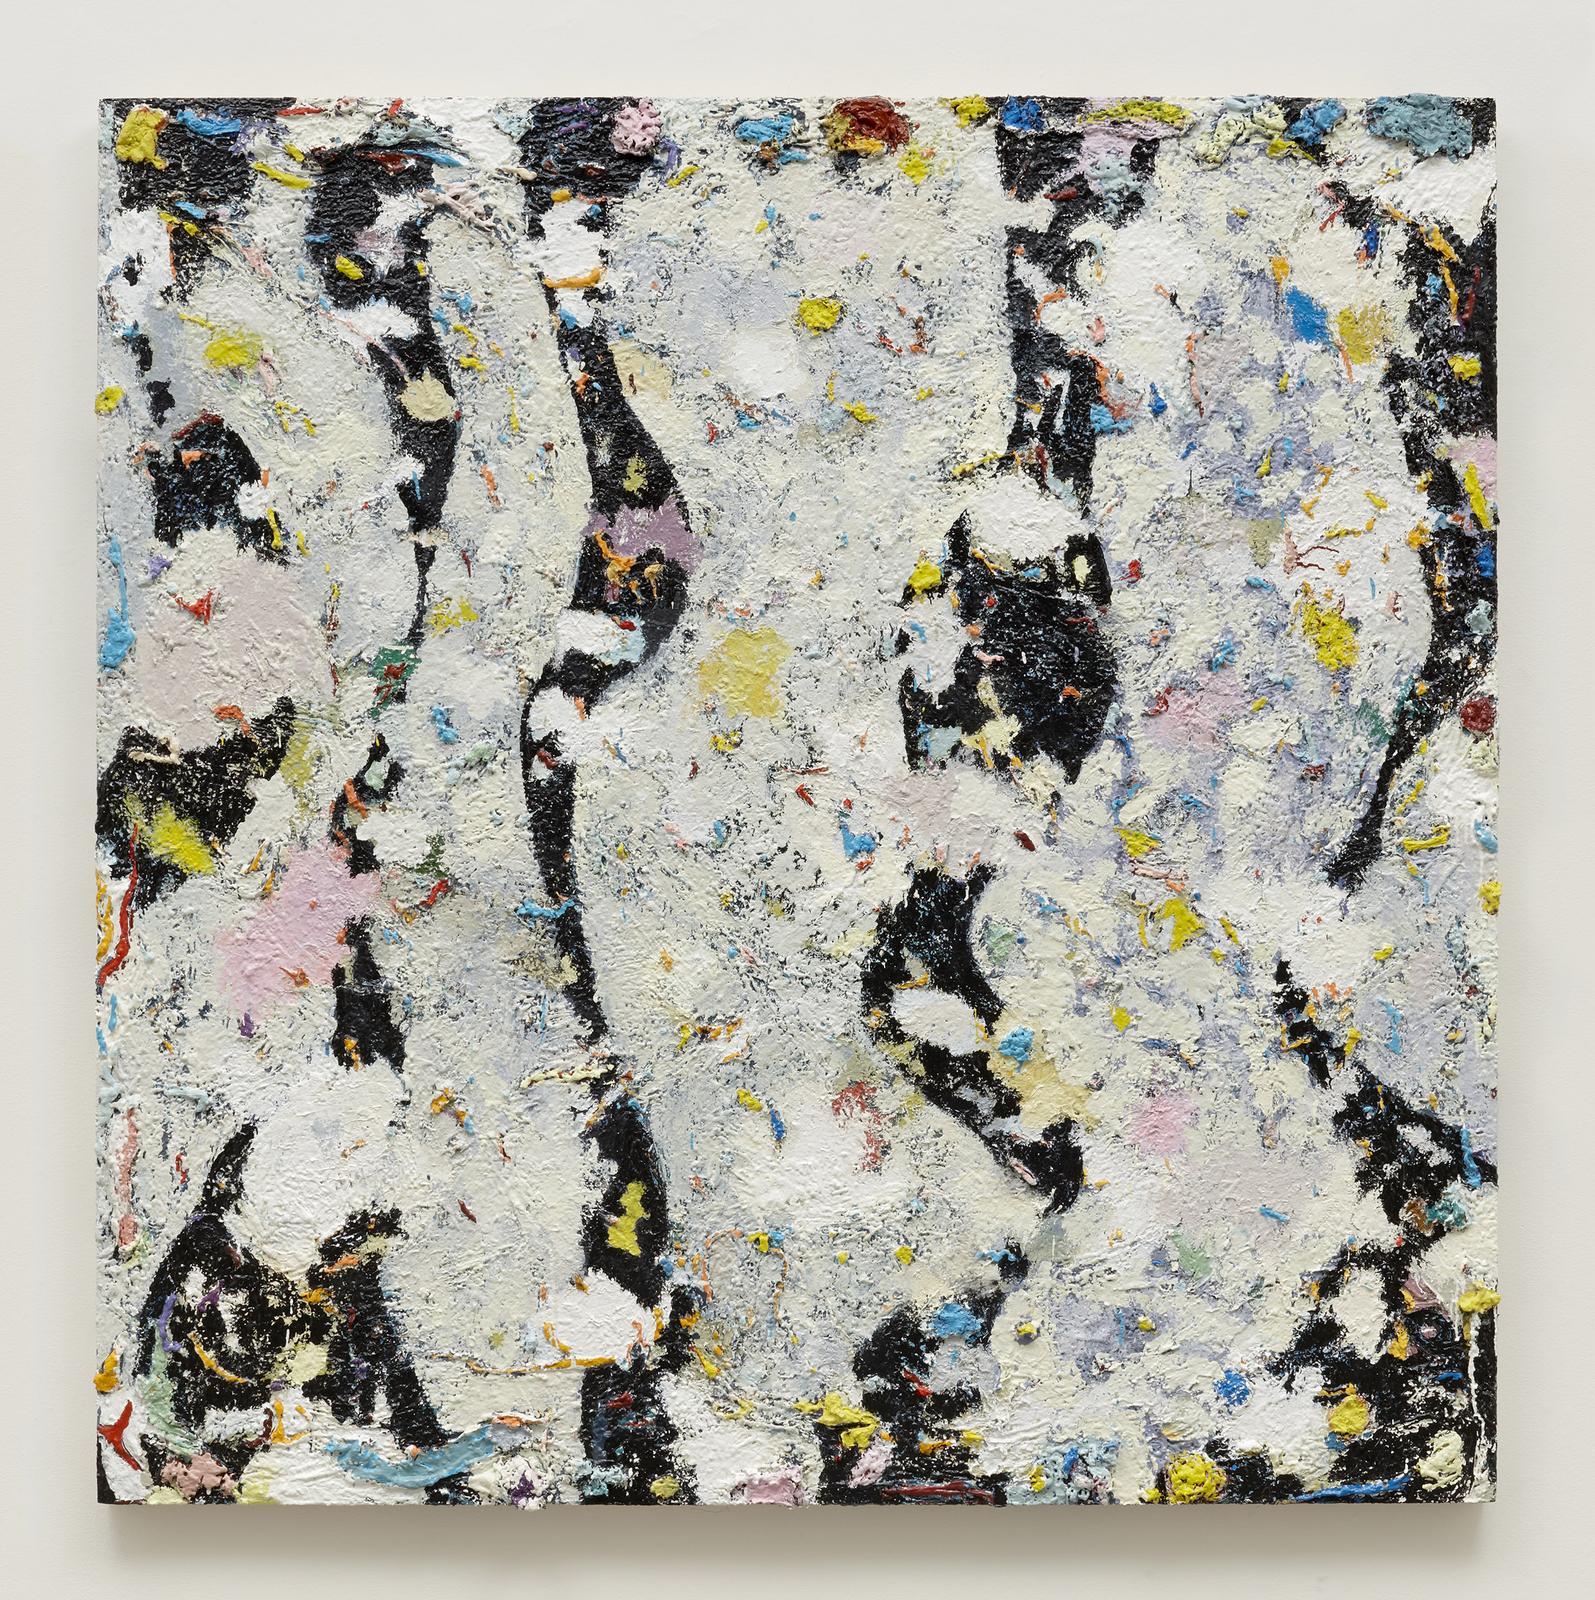 Phillip Allen Deepdrippings (International Version) 2017 oil on board 183 x 183 cm : 72 x 72 in